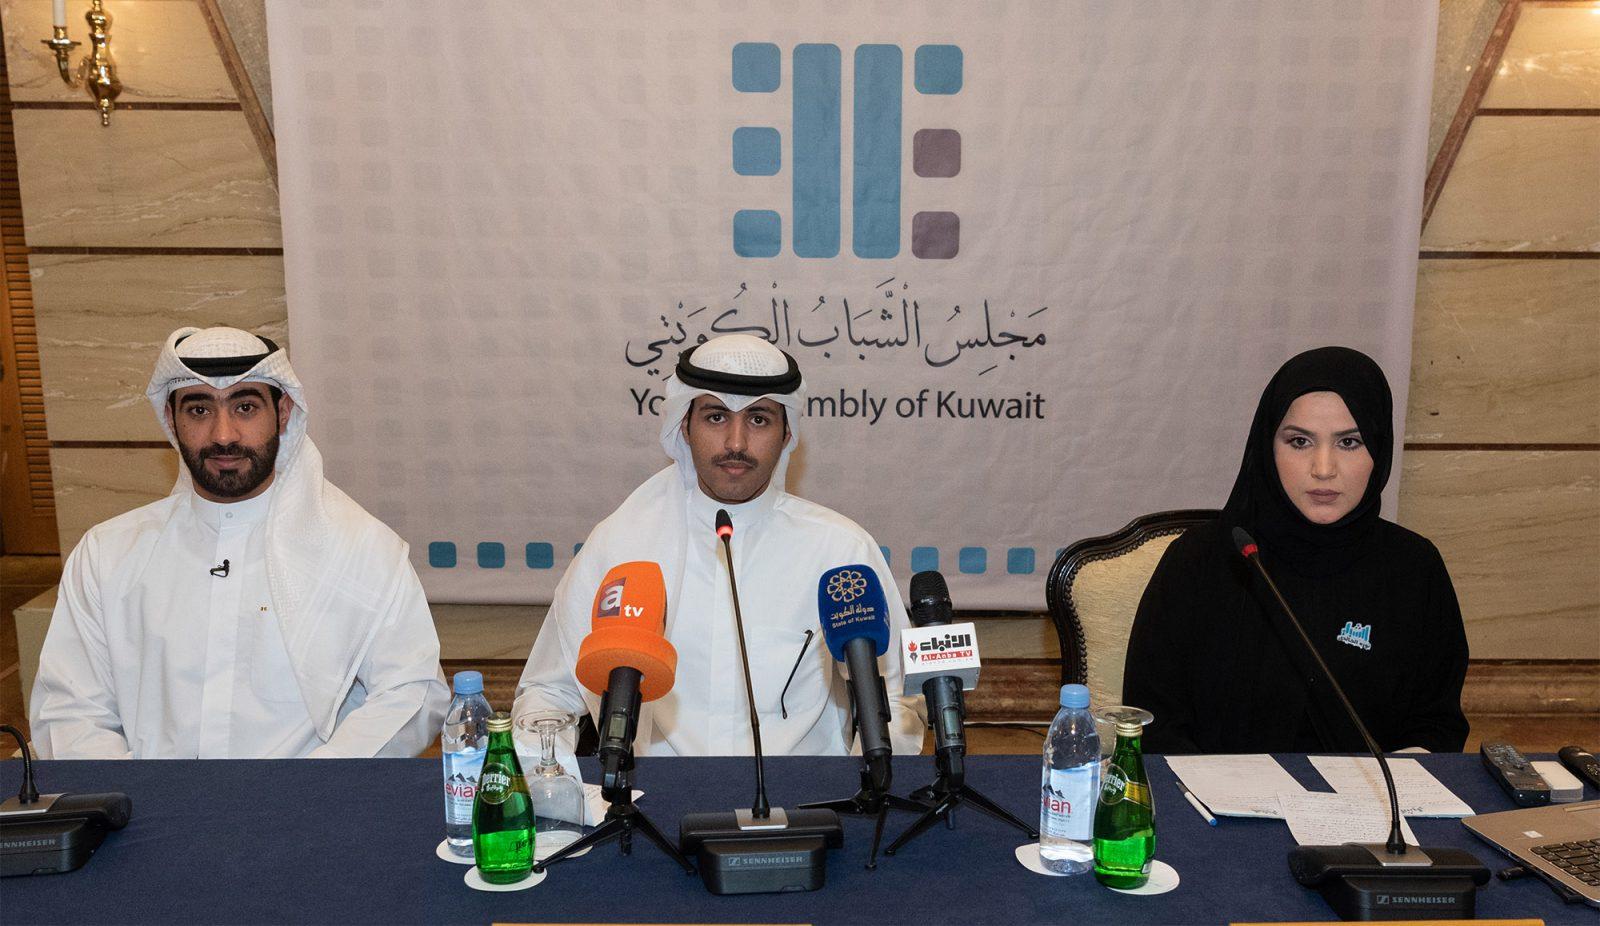 مجلس الشباب - هيئة «الشباب»: بدء التسجيل لعضوية مجلس الشباب الكويتي